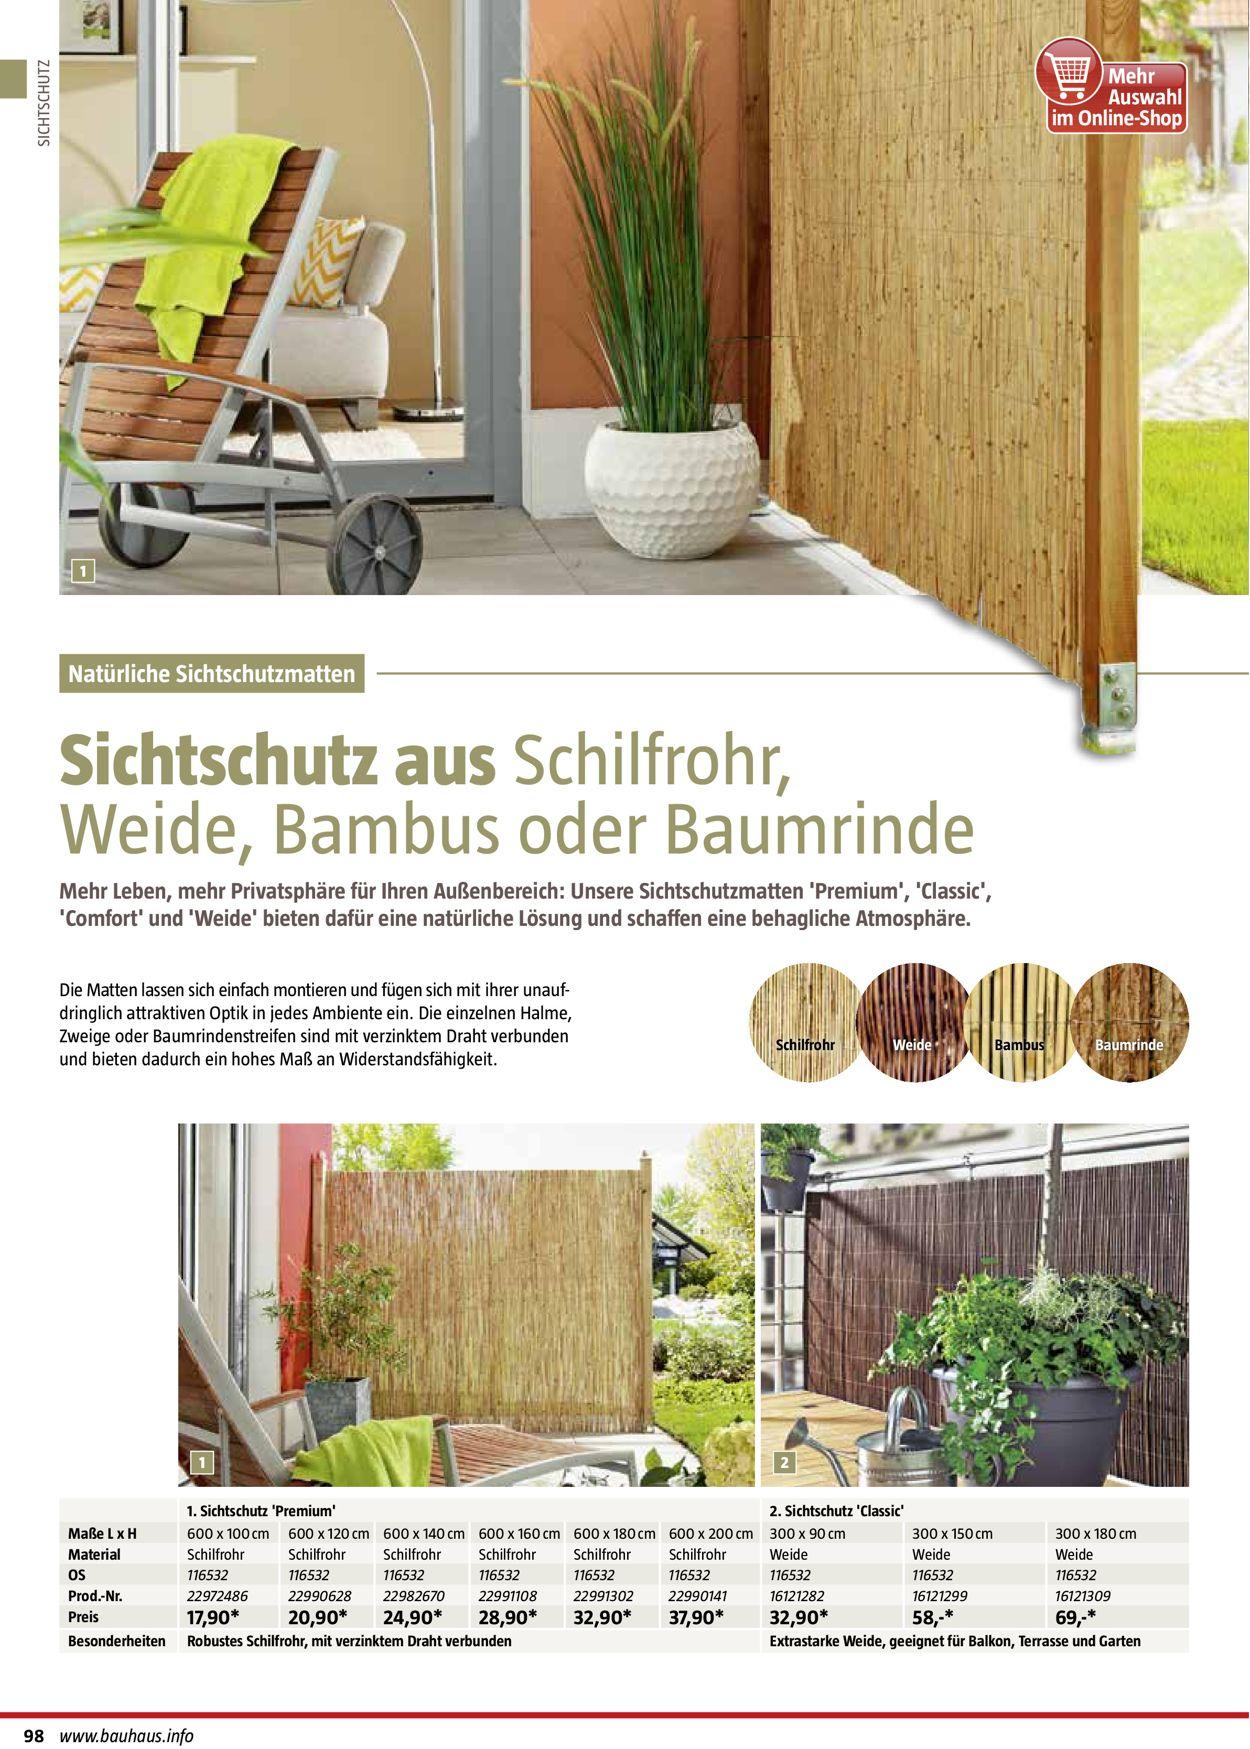 Bauhaus Aktueller Prospekt 01 01 01 09 2020 98 Jedewoche Rabatte De